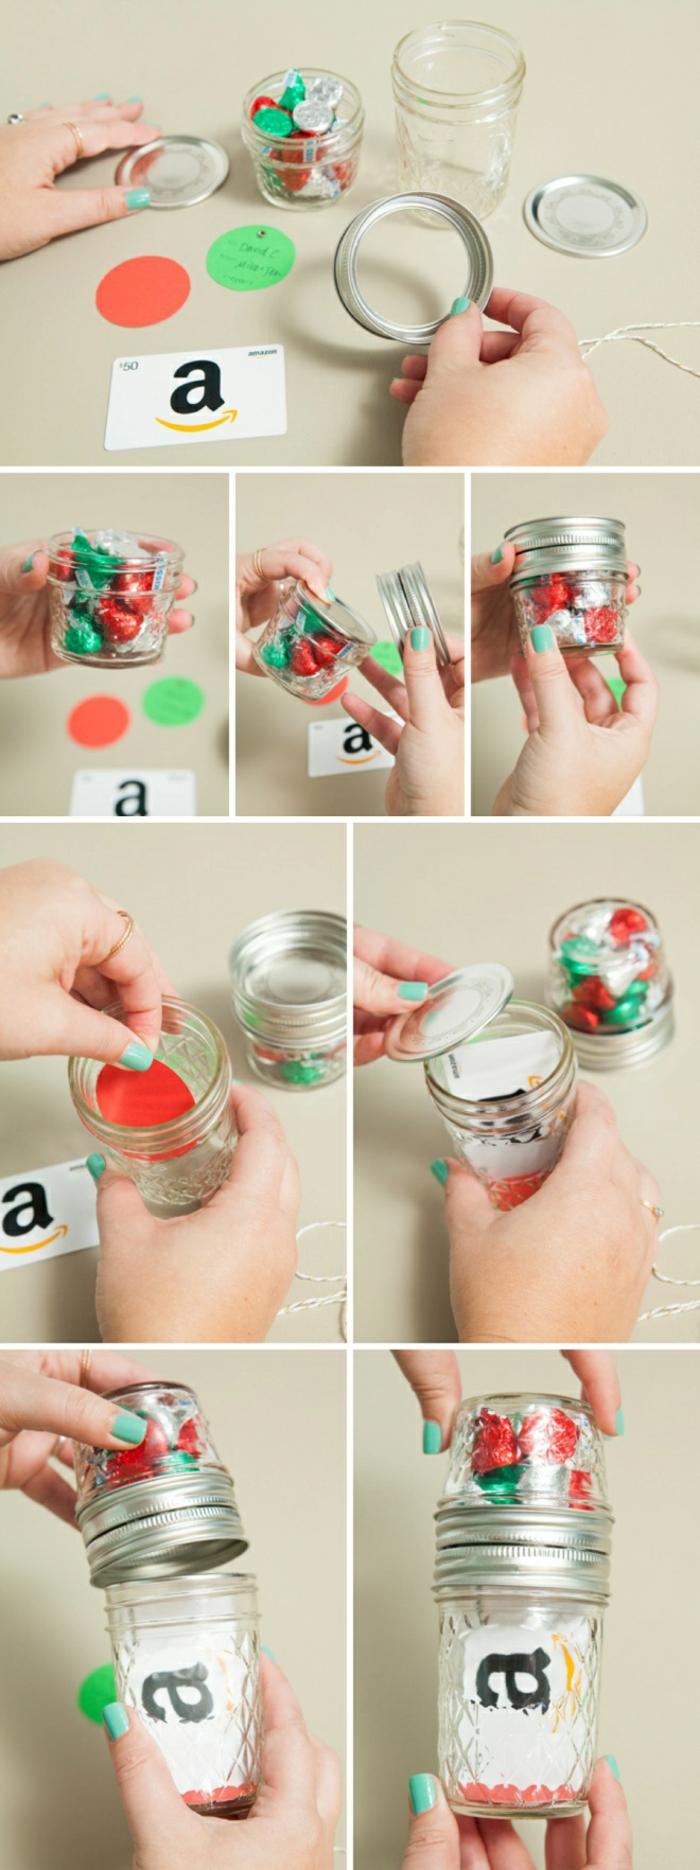 Geschenke schön verpacken, Amazon Gutschein verpacken und Süßigkeiten, eine Anleitung, wie Sie alles zusammenstellen